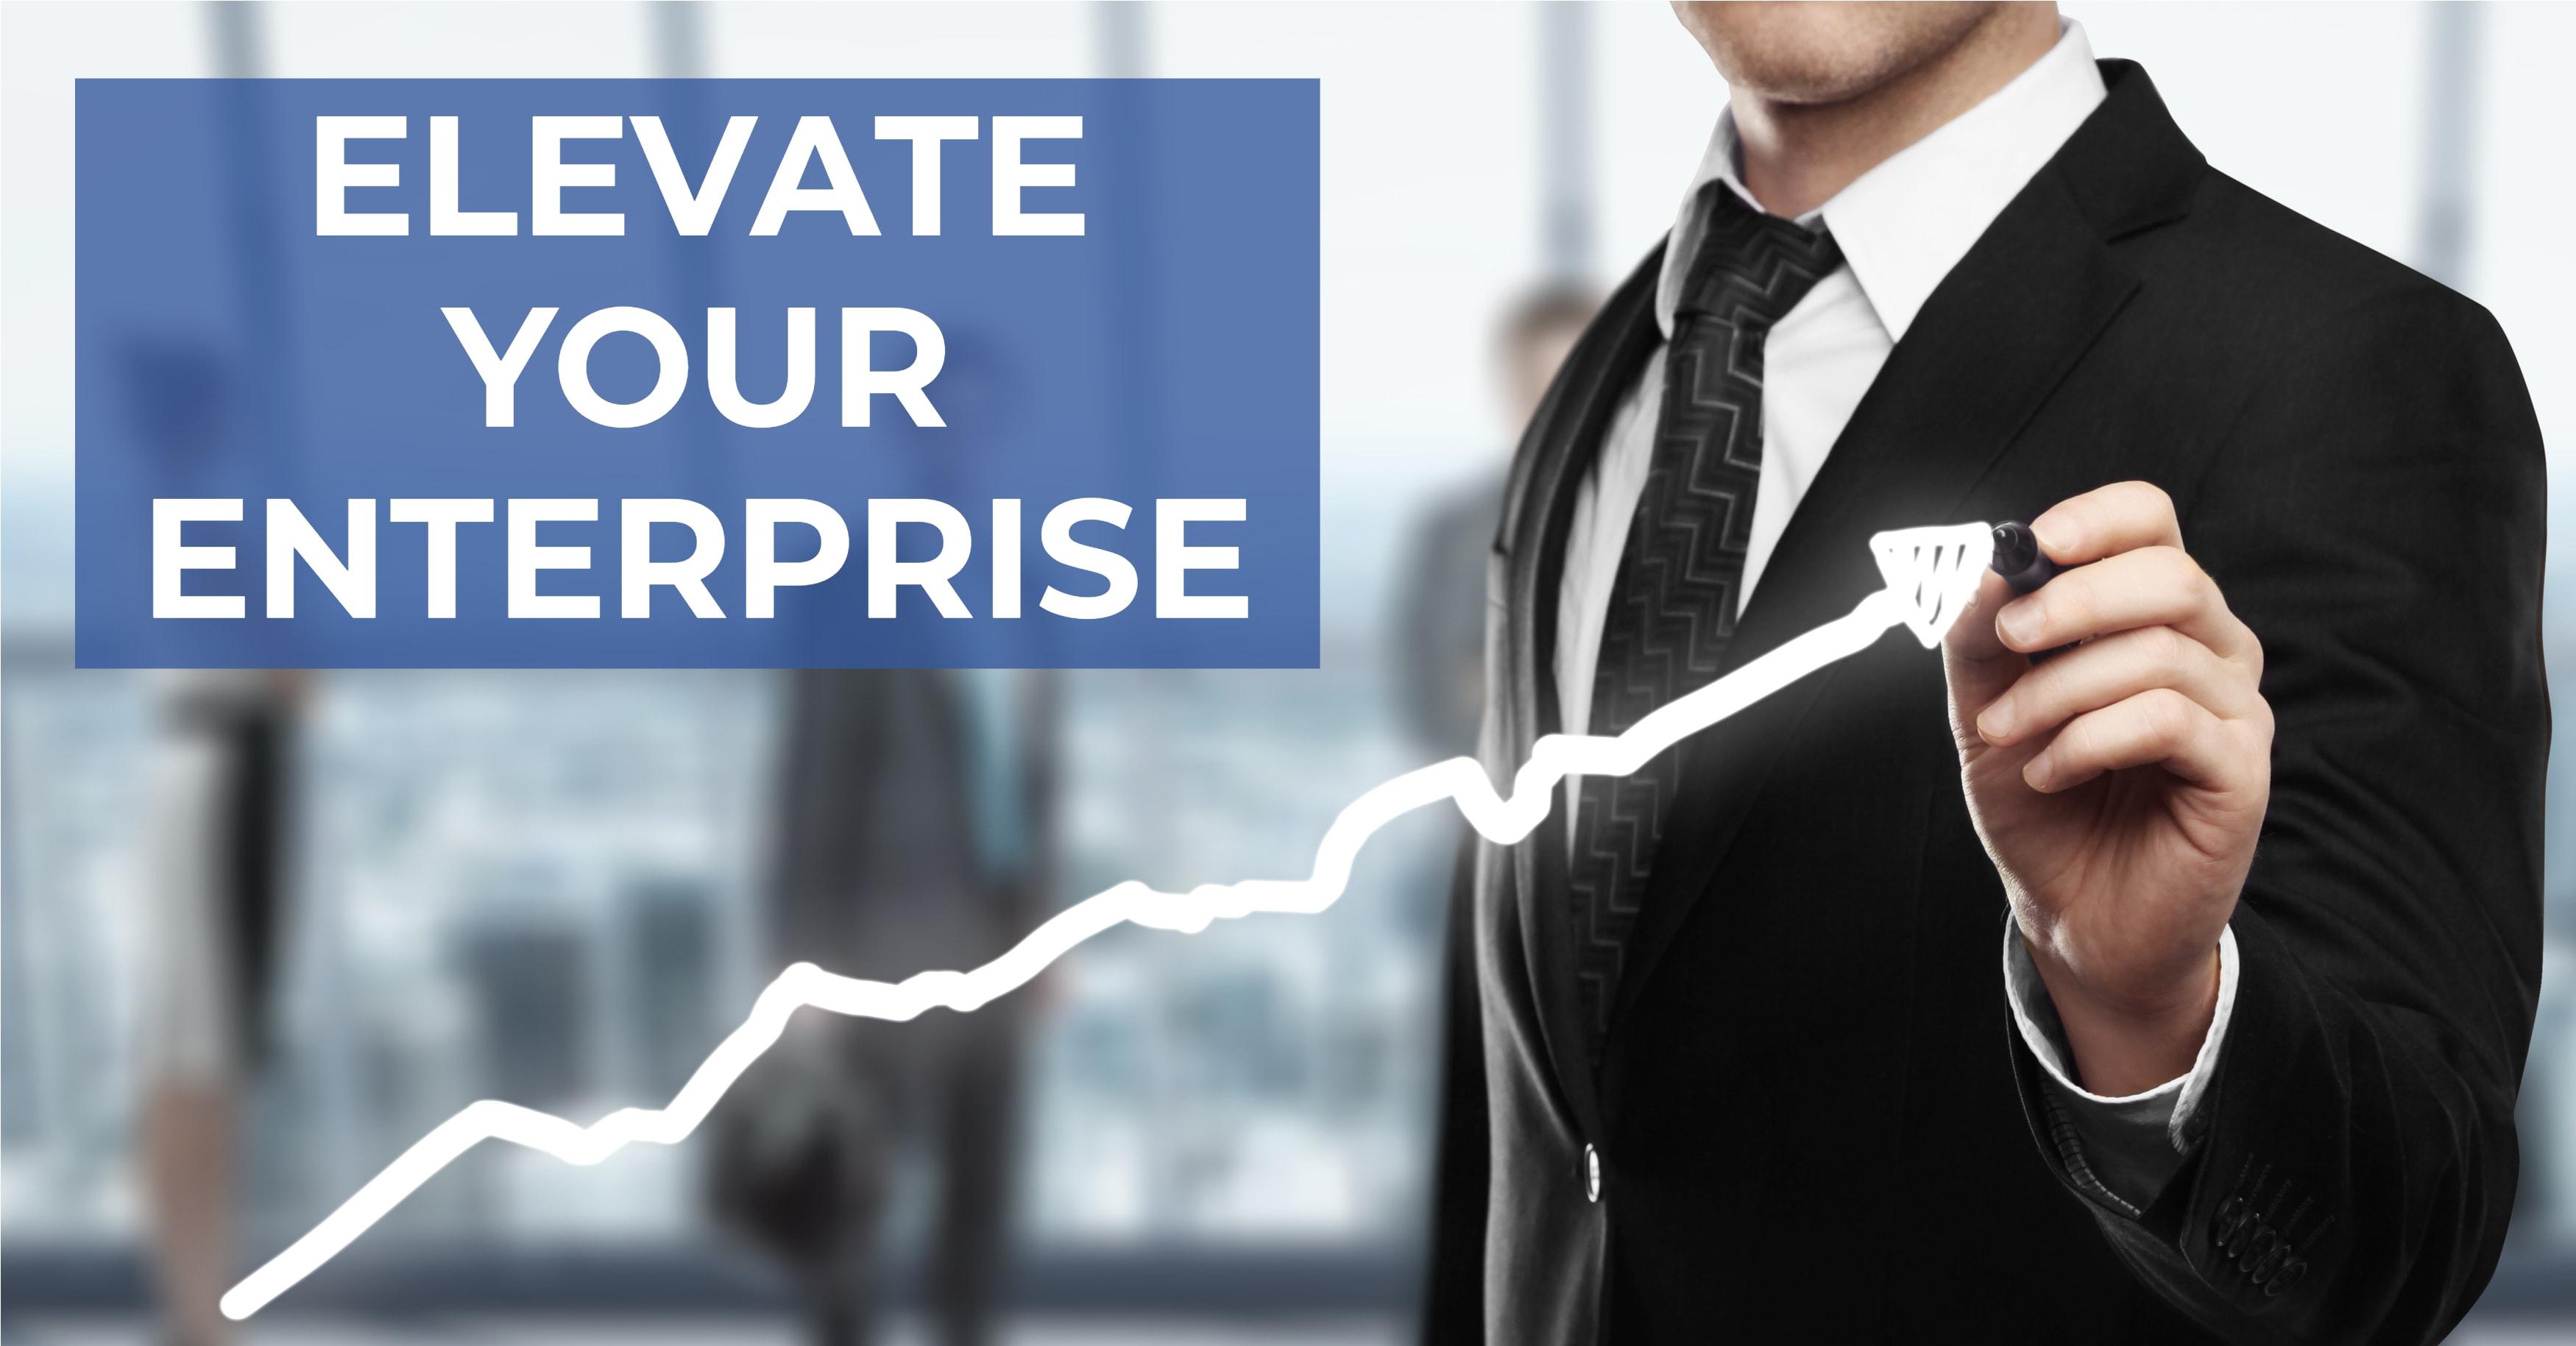 Enterprise Elevation